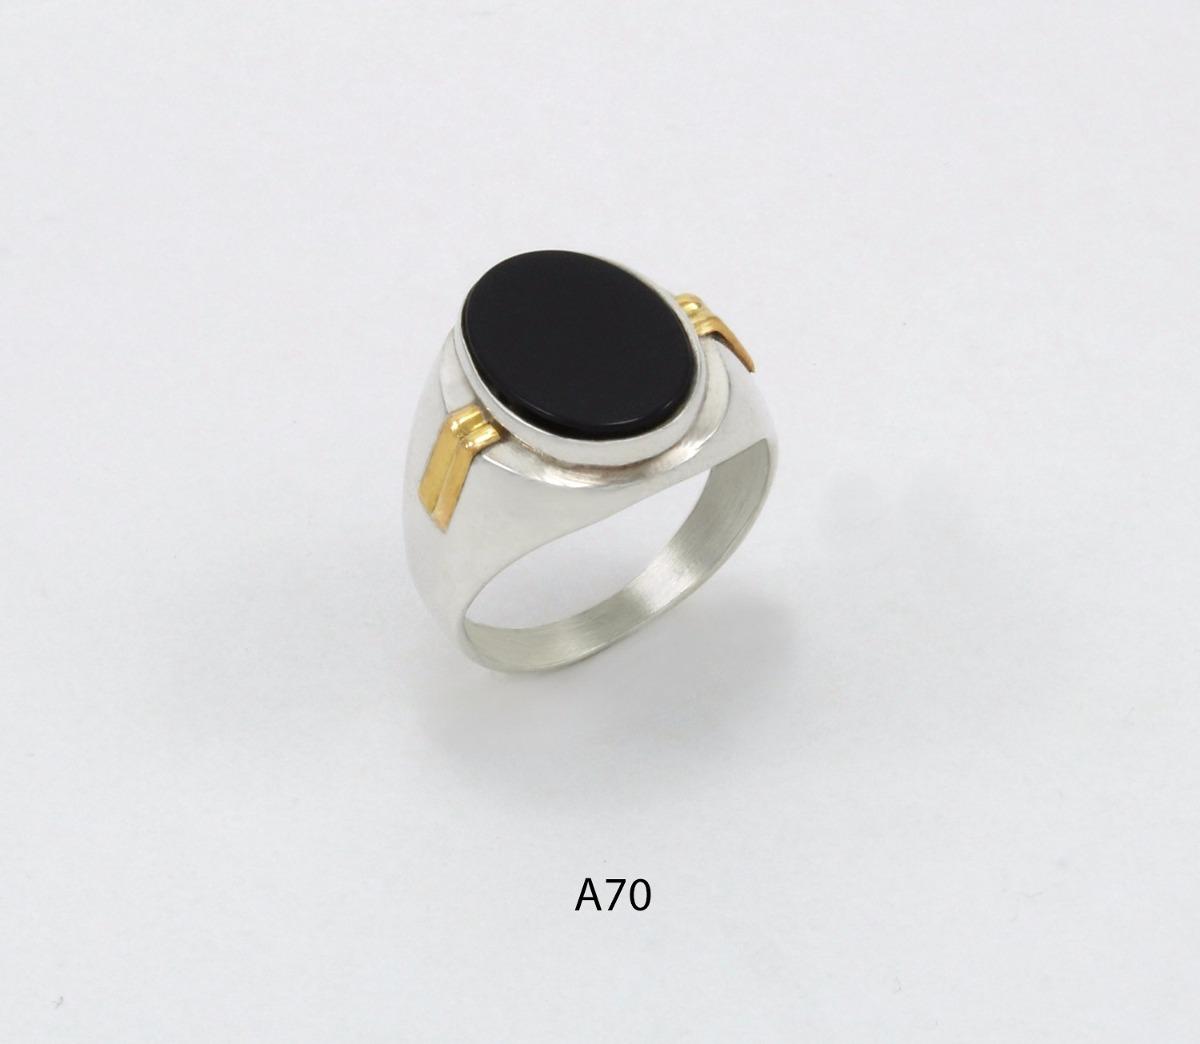 9c271d7d64c4 anillo de plata 925 y oro codigo a70 piedra negra. Cargando zoom.